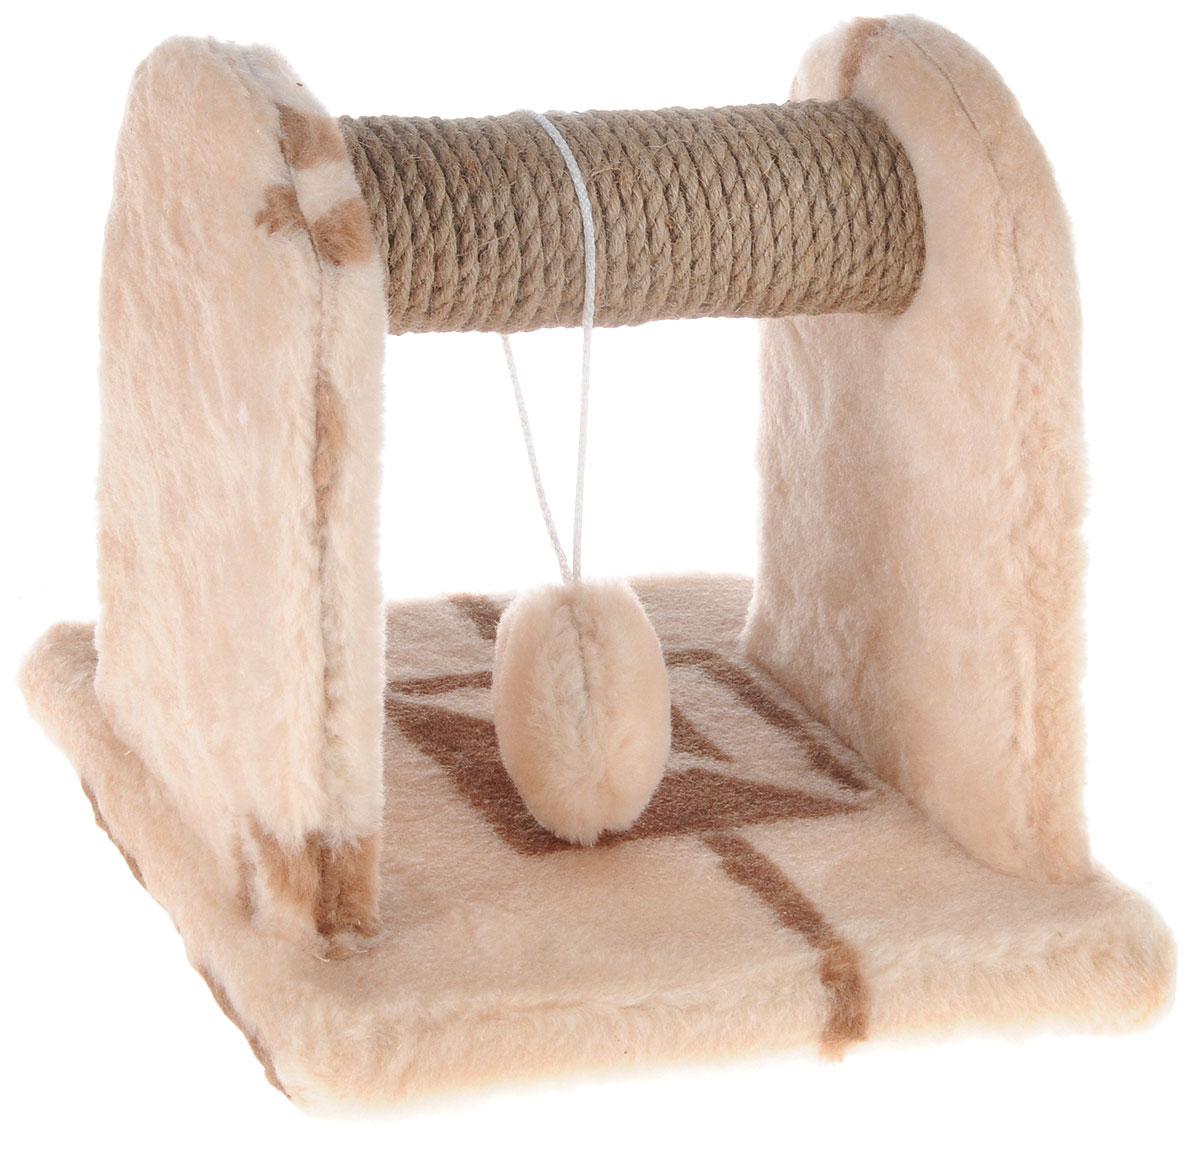 Когтеточка для котят Меридиан, с игрушкой, цвет: бежевый, коричневый, 26 х 26 х 26 см0120710Когтеточка Меридиан предназначена для стачивания когтей вашего котенка и предотвращения их врастания. Она выполнена из ДВП, ДСП и обтянута искусственным мехом. Точатся когти о накладку из джута. Когтеточка оснащена подвесной игрушкой, привлекающей внимание котенка.Когтеточка позволяет сохранить неповрежденными мебель и другие предметы интерьера.